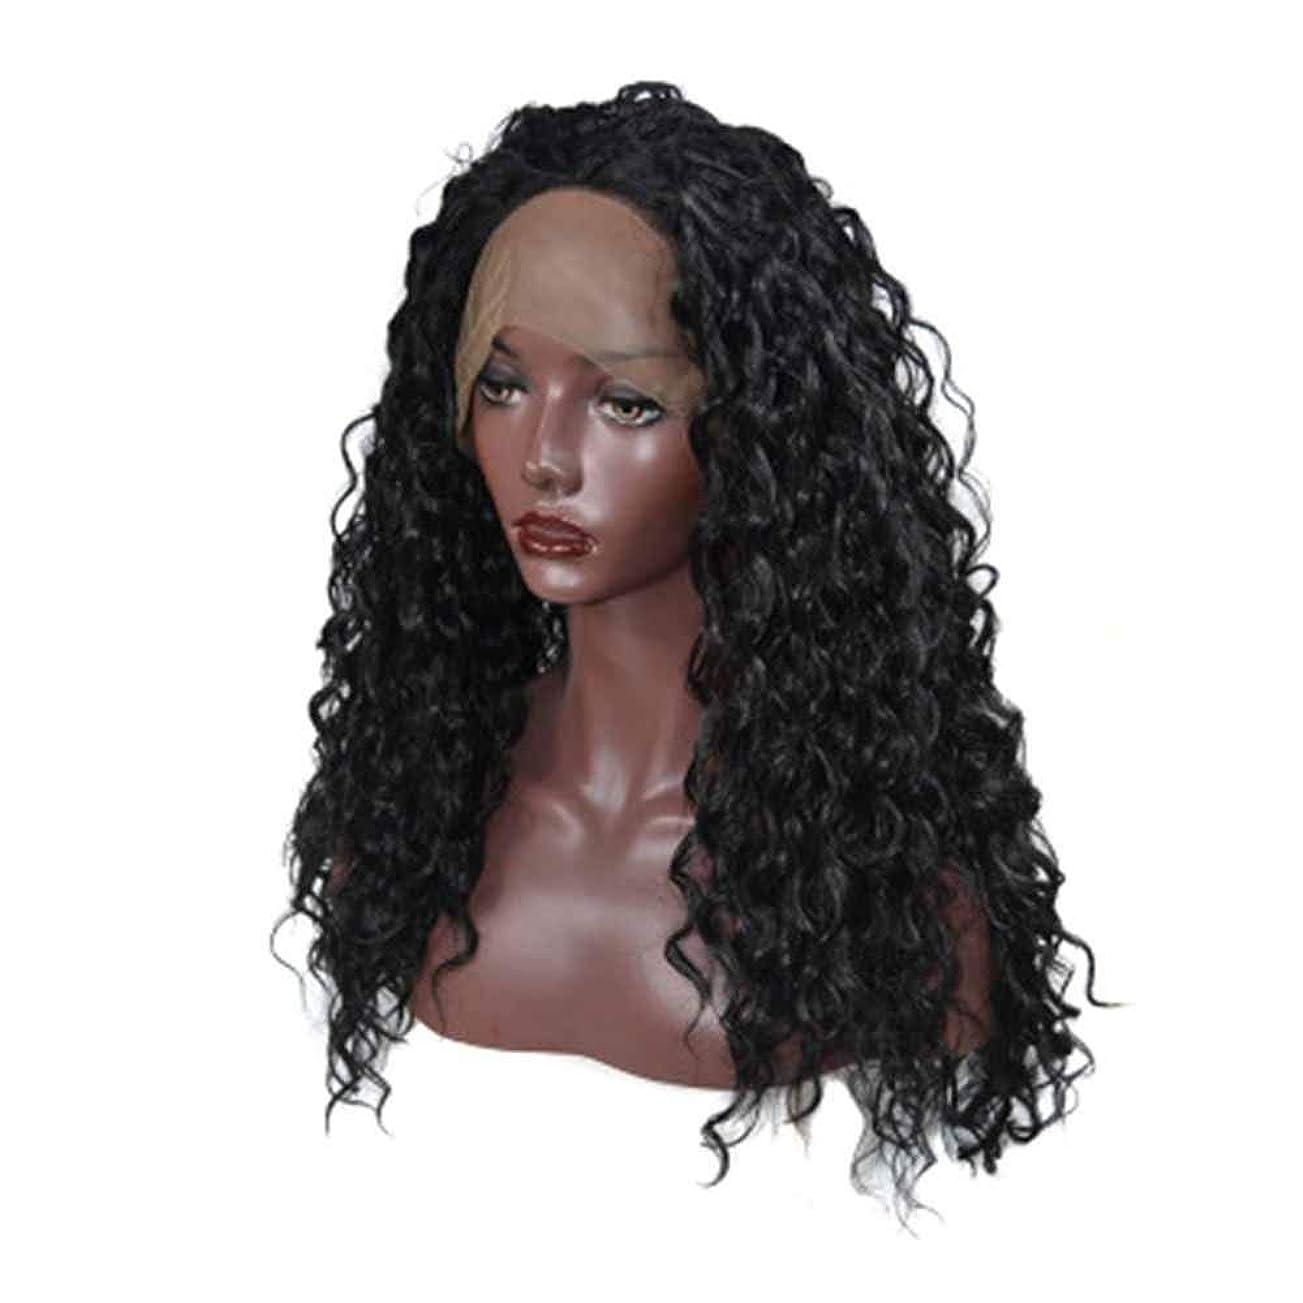 マイルド机メガロポリスZXF ヨーロッパとアメリカのかつら女性ふわふわカーラーカバーフロントレース化学繊維偽黒小さな巻き毛の長い巻き毛の女性のかつらヘッドギア 美しい